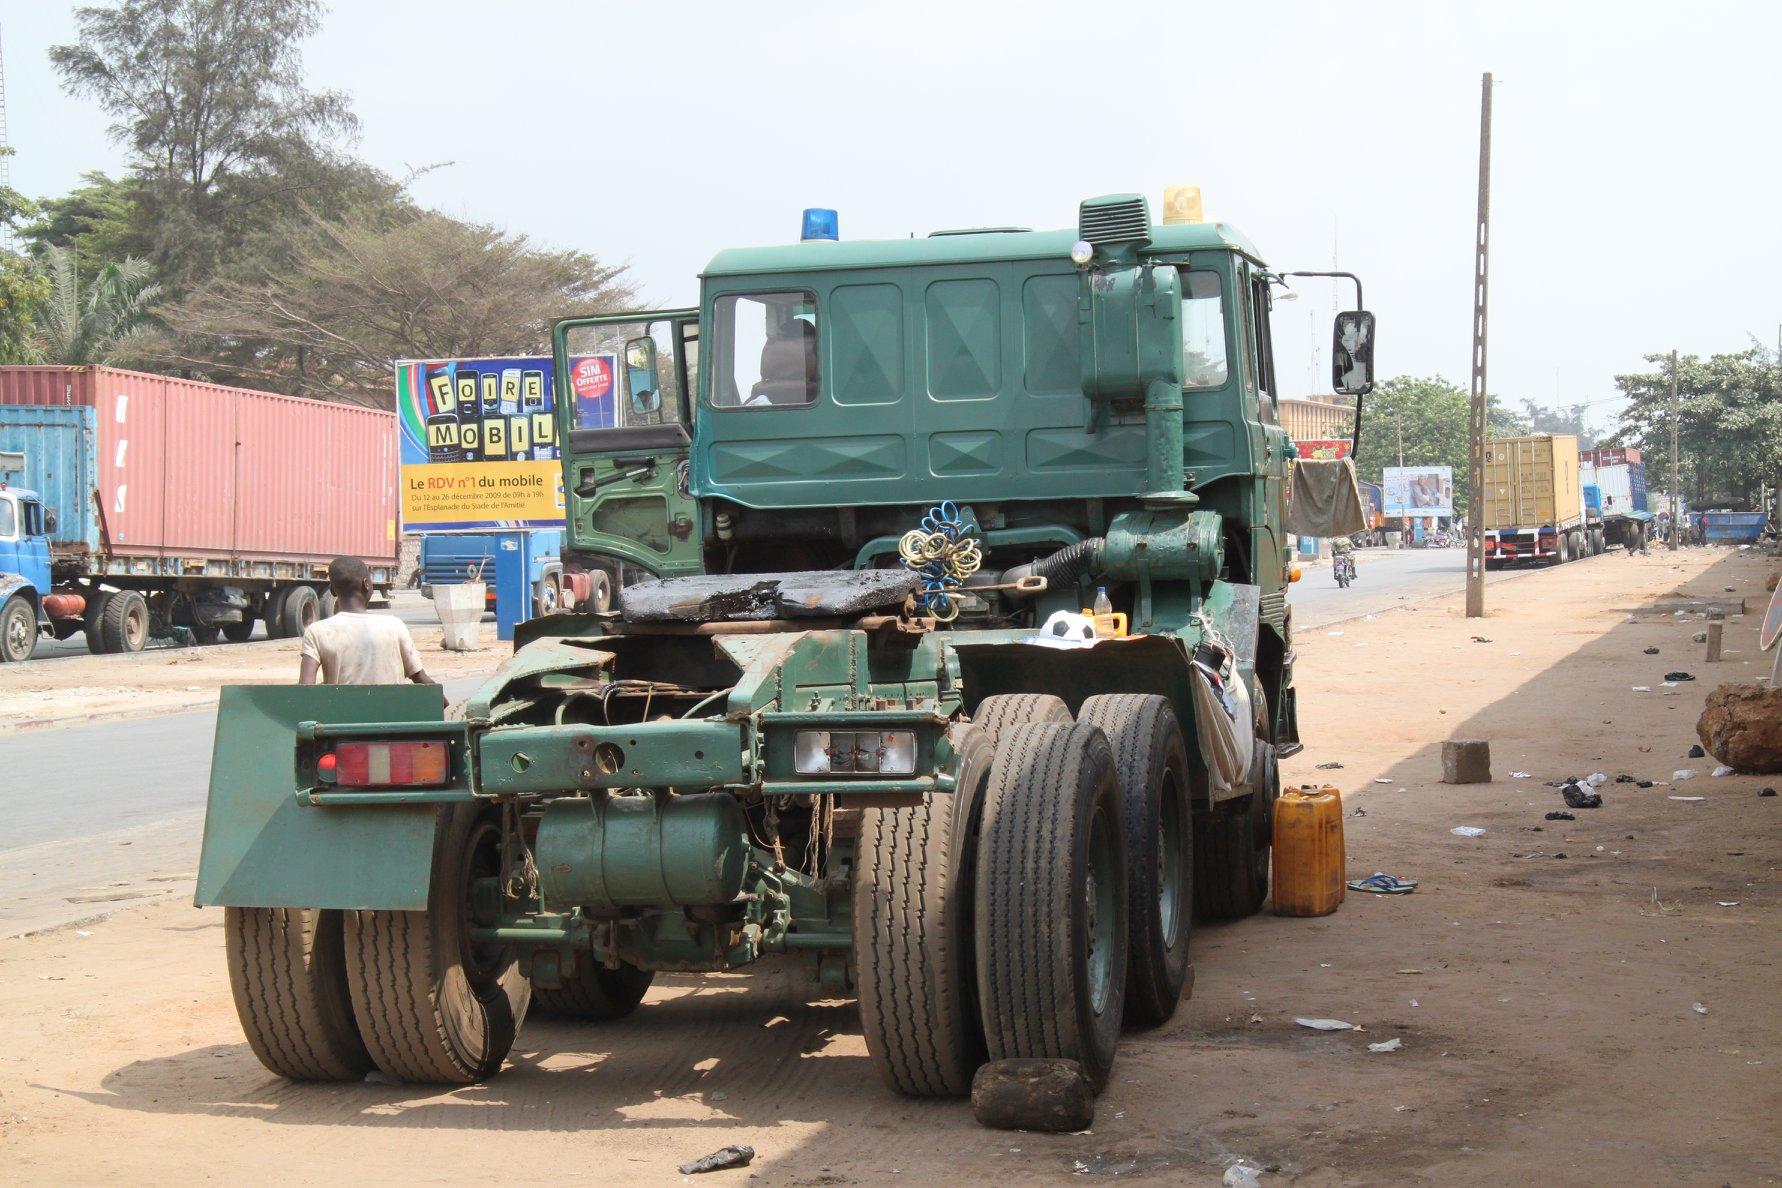 2010-Wachten-op-een-retour-vracht-in-de-haven-van-Cotonou--Trekker-uit-Lagos-Nigeria-chauffeur-stond-er-al-een-weekje-of-wat-1